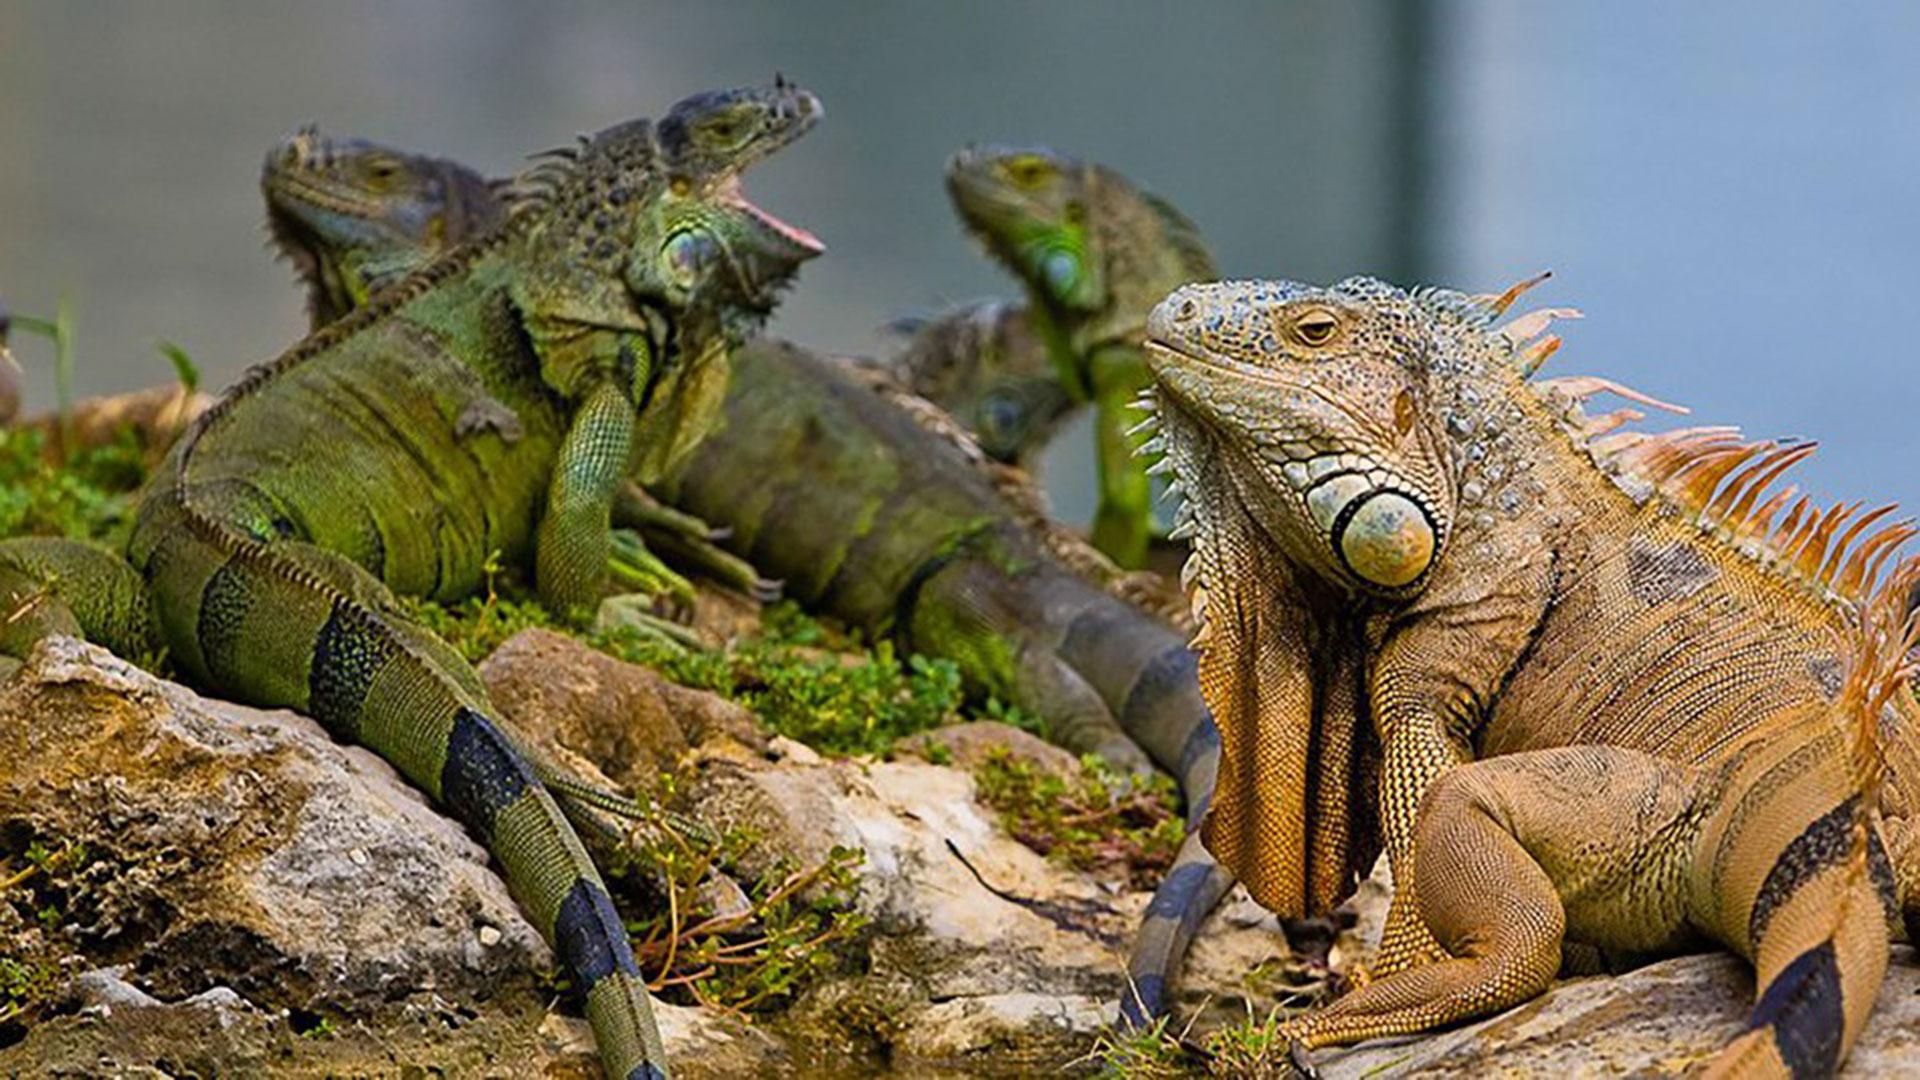 Los expertos señalan que el clima subtropical del centro y sur de Florida permite que estos lagartos herbívoros sobrevivan, se reproduzcan y se conviertan en parte del medio ambiente